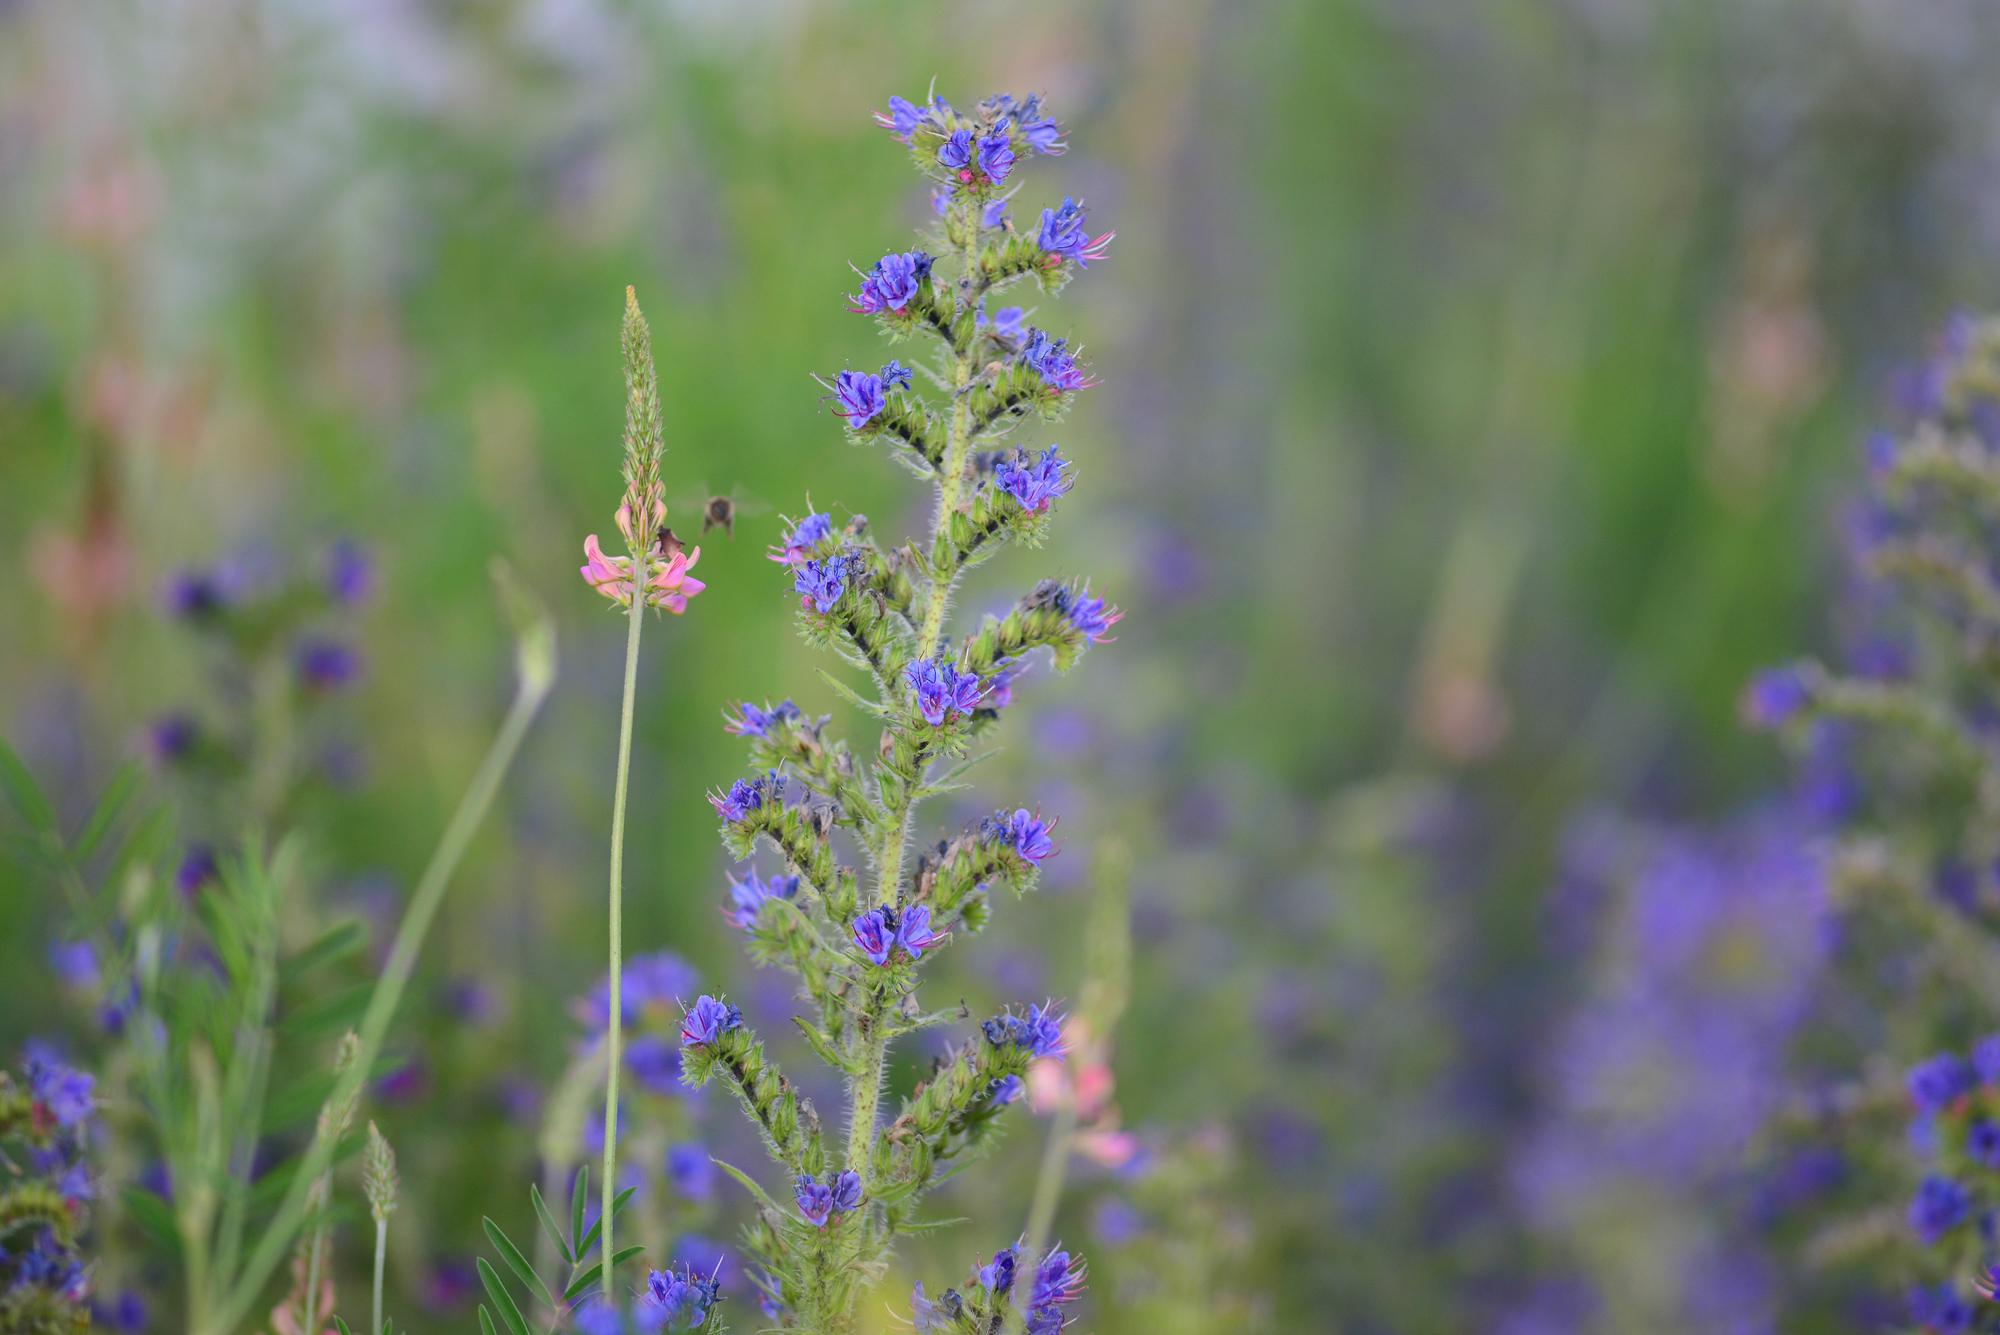 bienen-fliegen-durch-eine-blumenwiese-und-sammeln-nektar-und-pollen